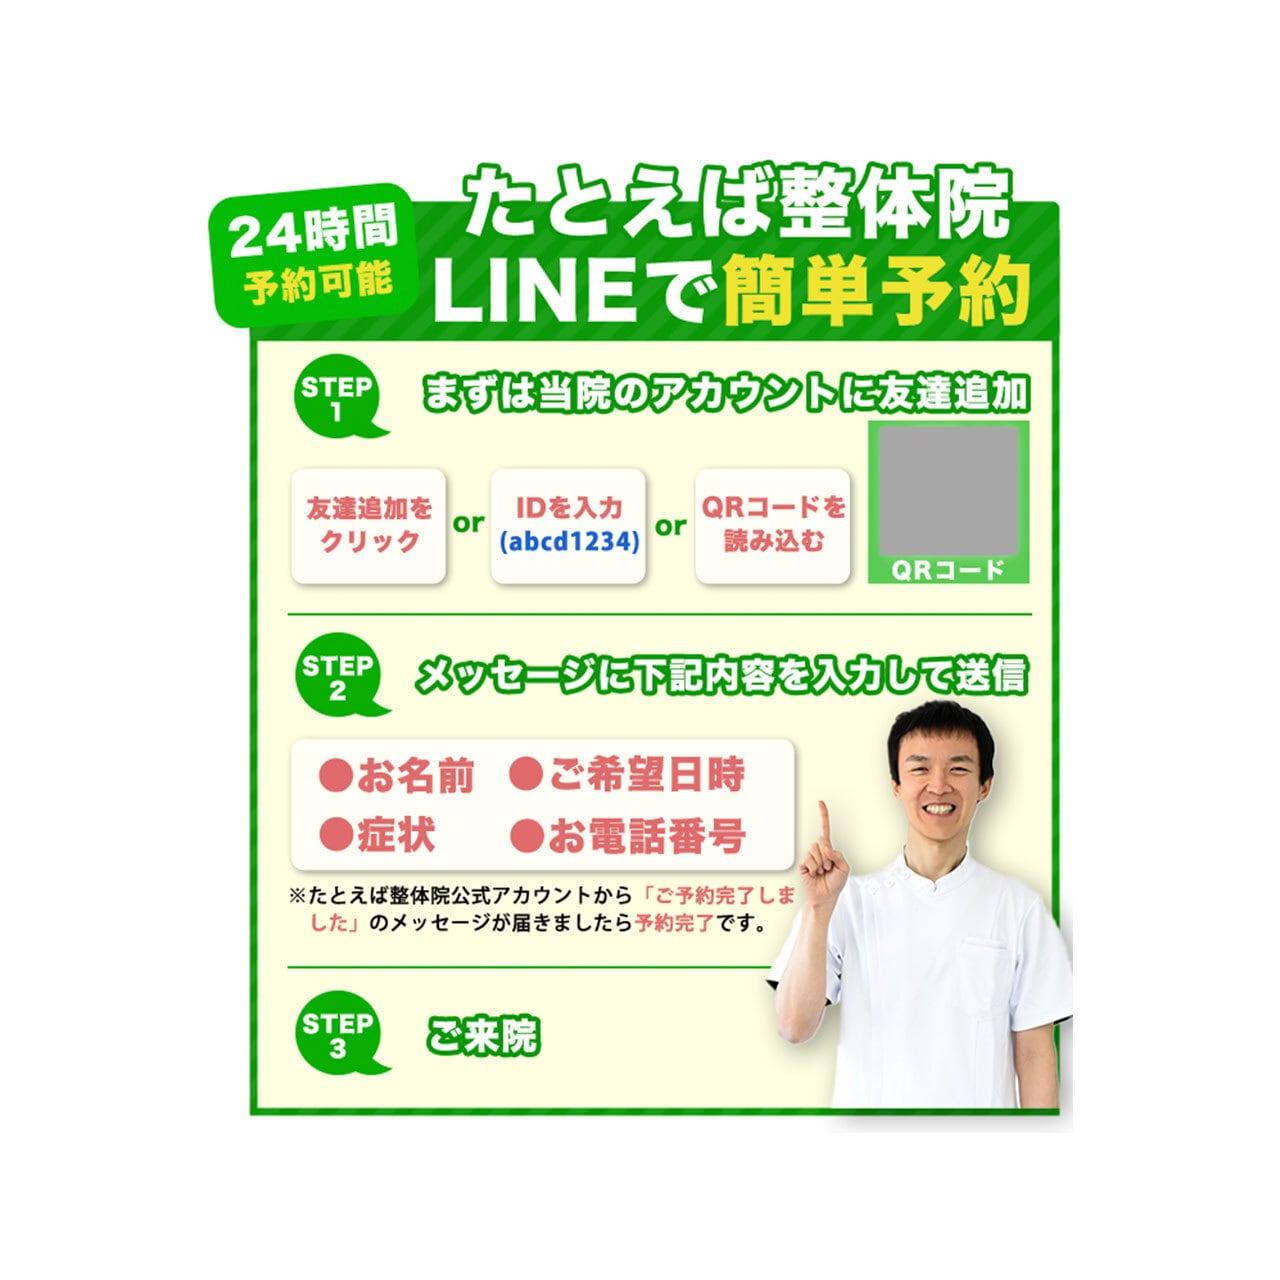 オリジナル「LINE予約手順」